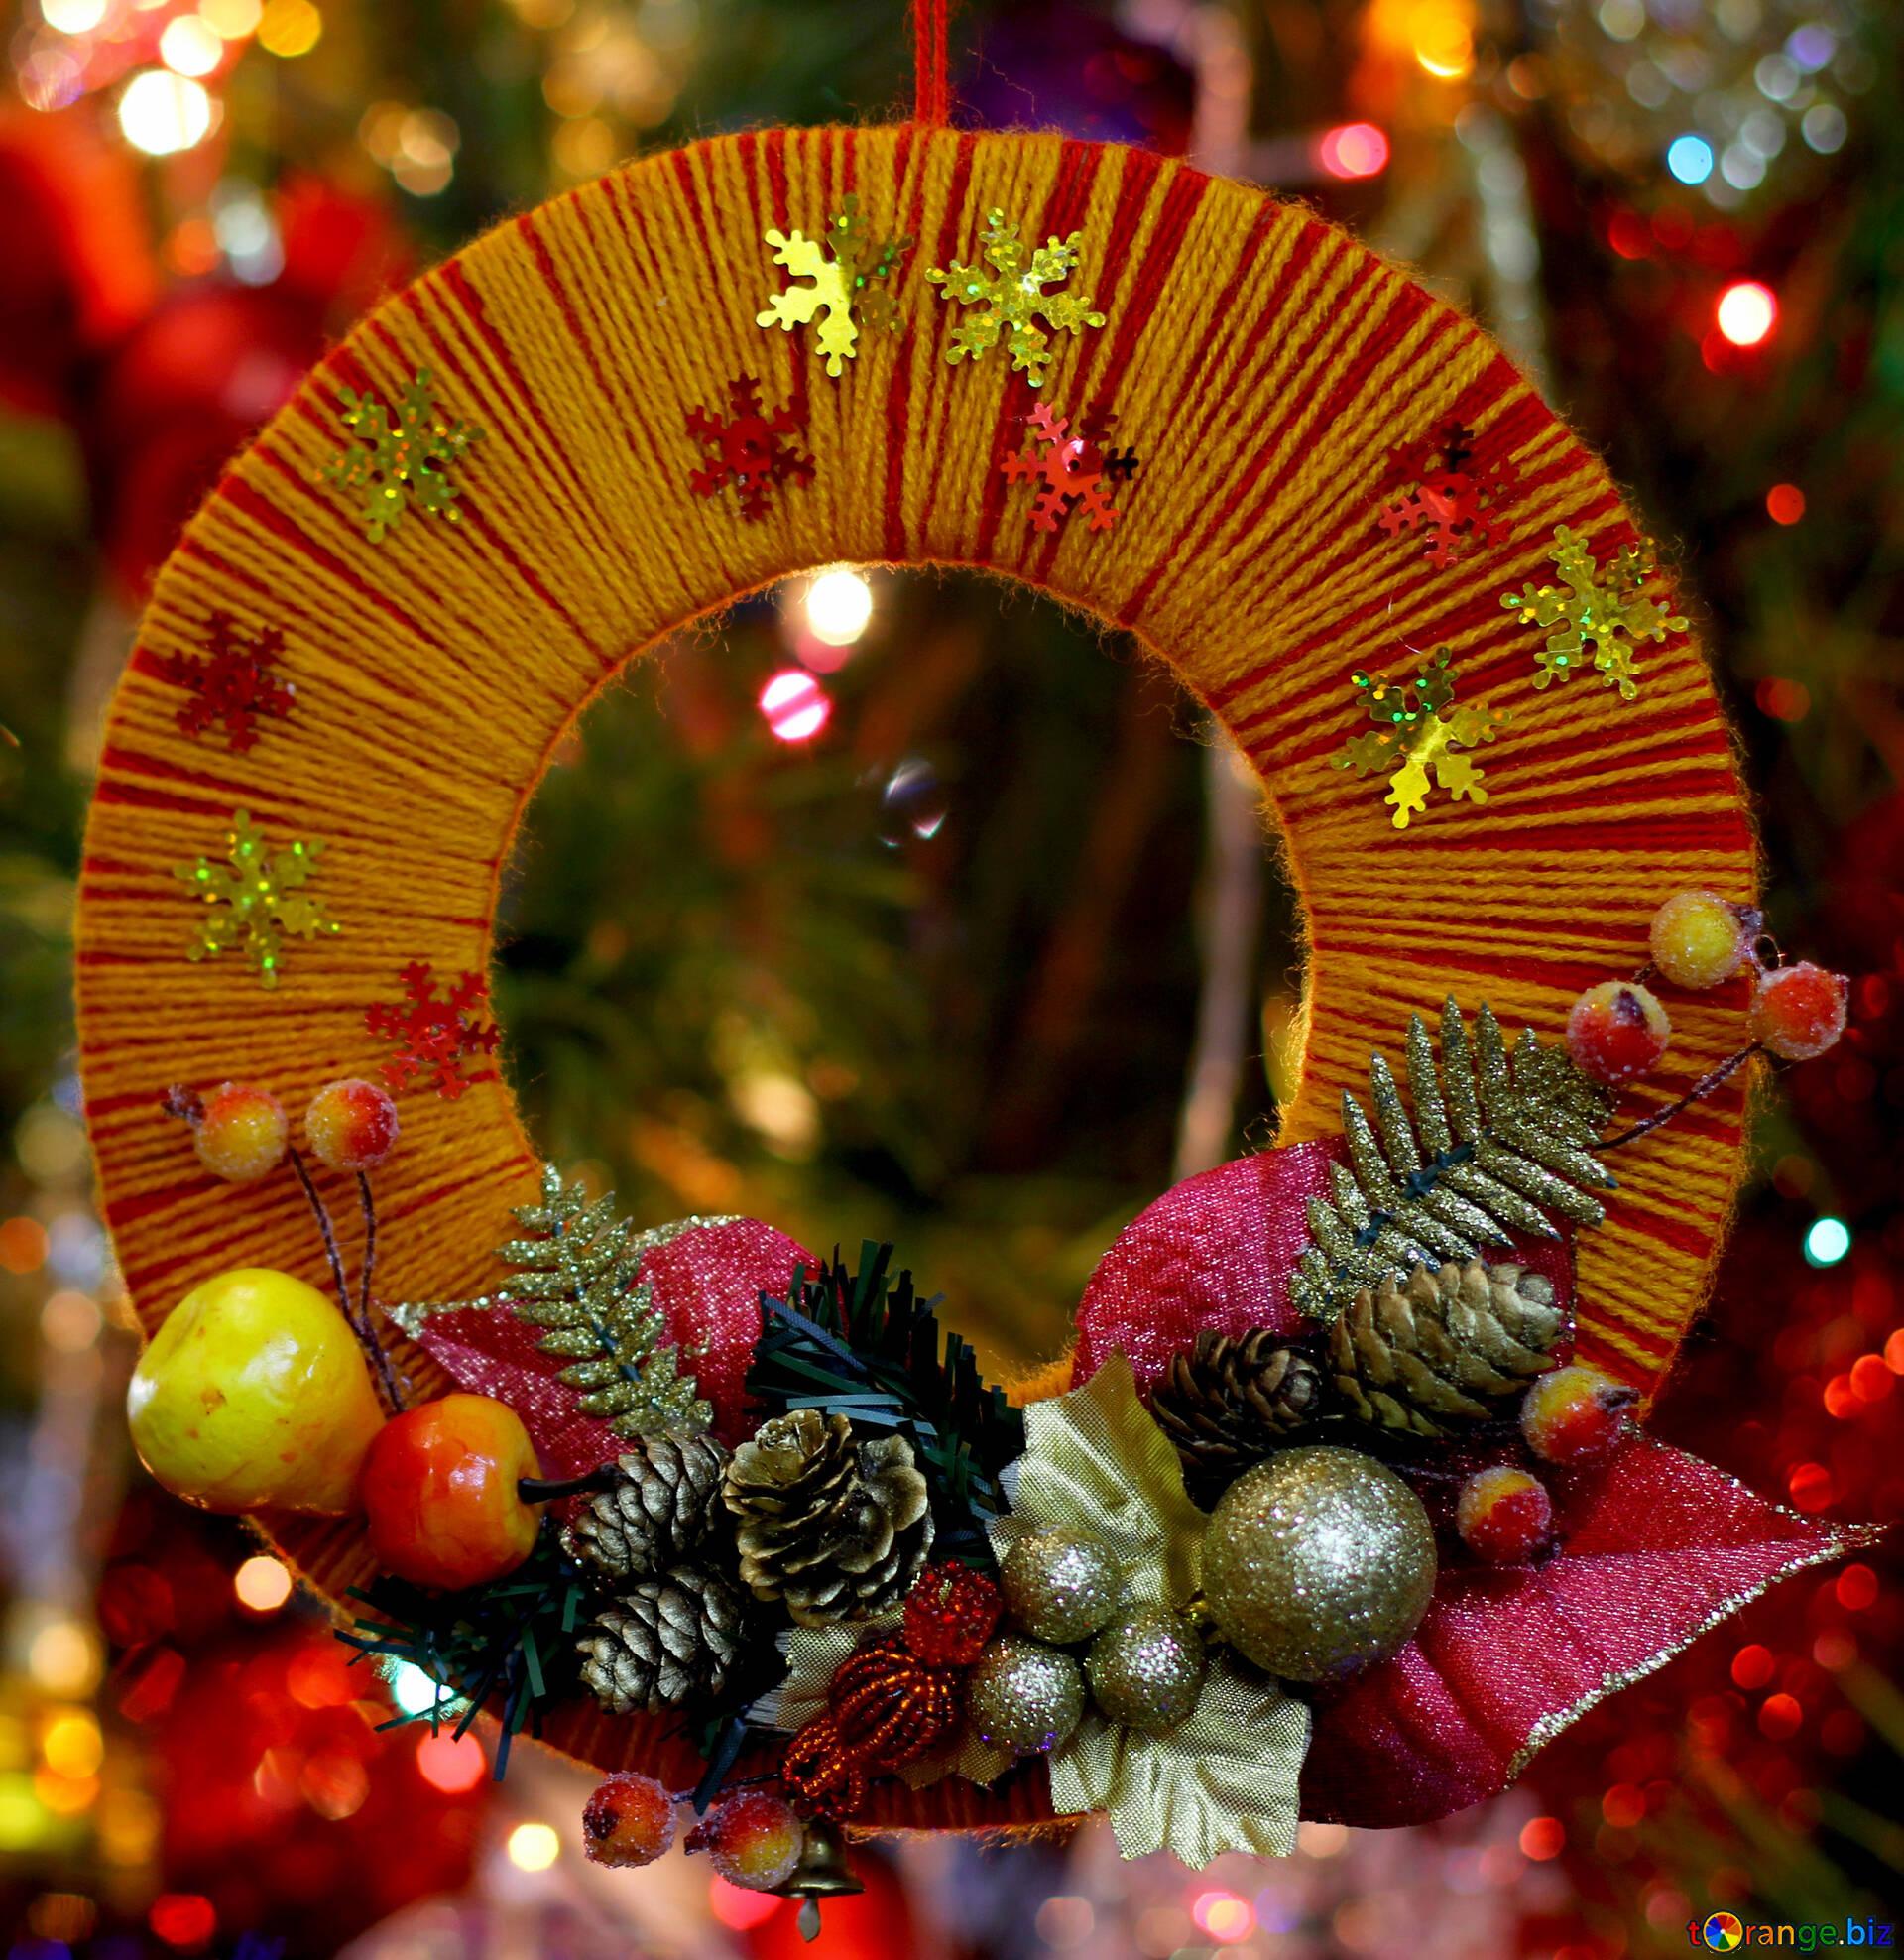 クリスマスの花輪 無料の写真 クリスマスツリーの背景に手作りの ...